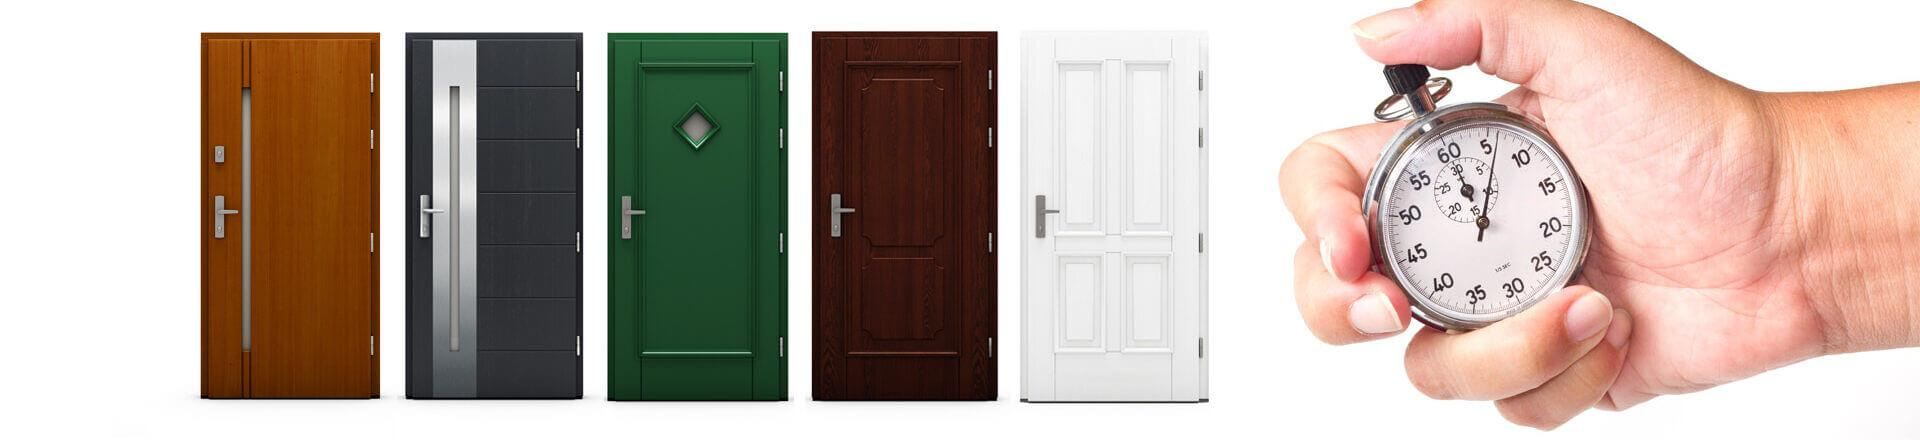 Miej drzwi Cal w dwa tygodnie